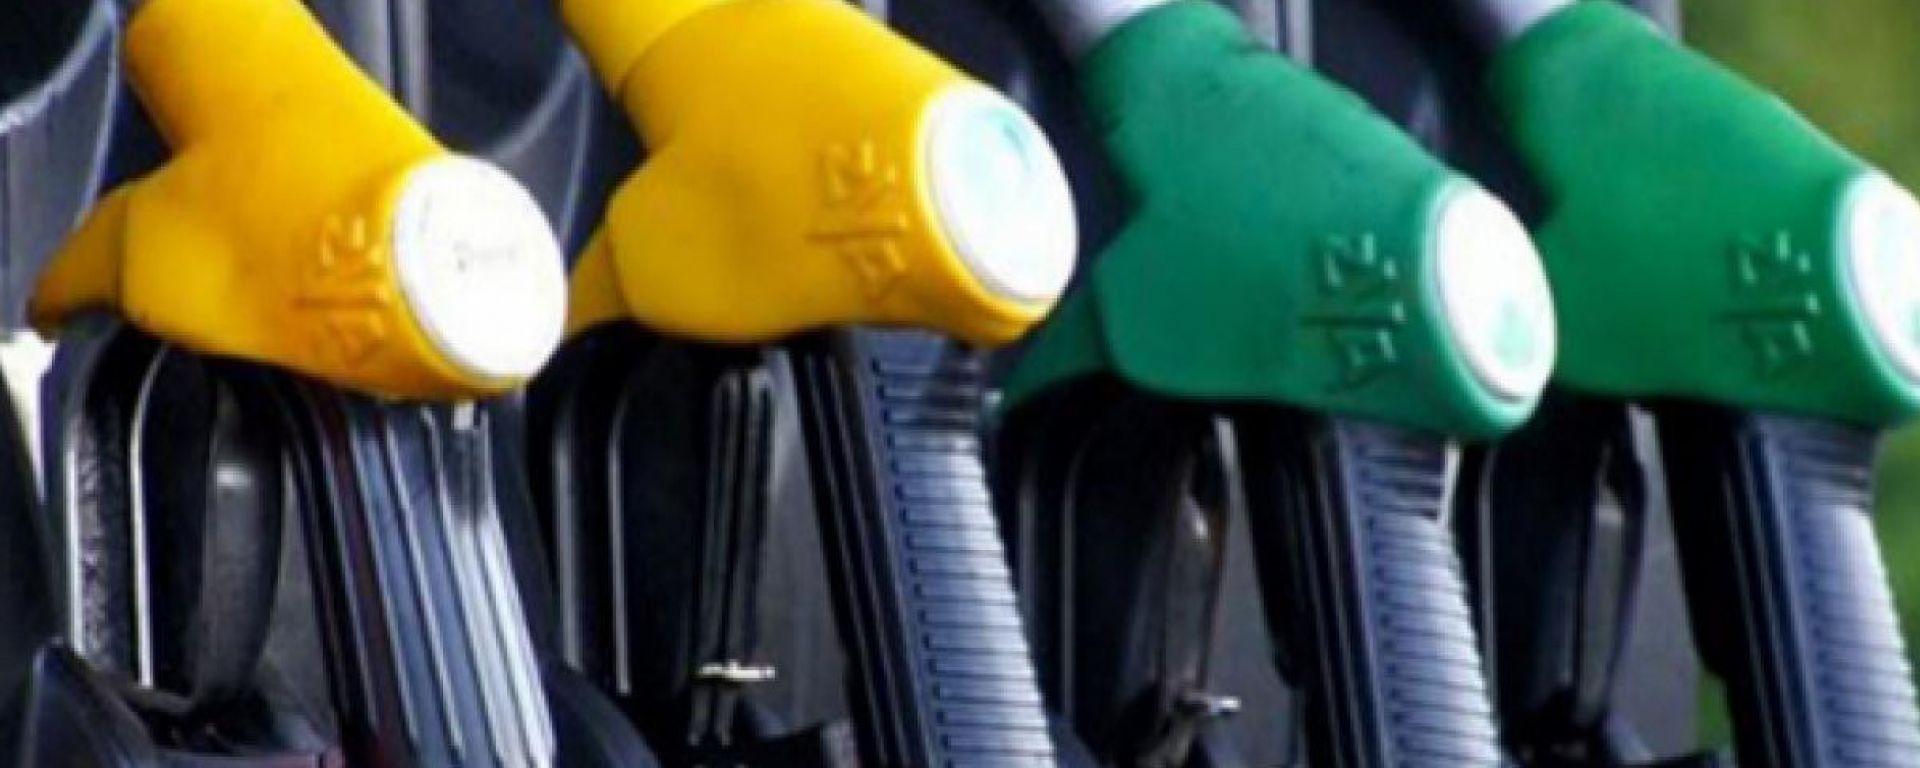 Diesel e benzina, il Coronavirus farà scendere i prezzi?